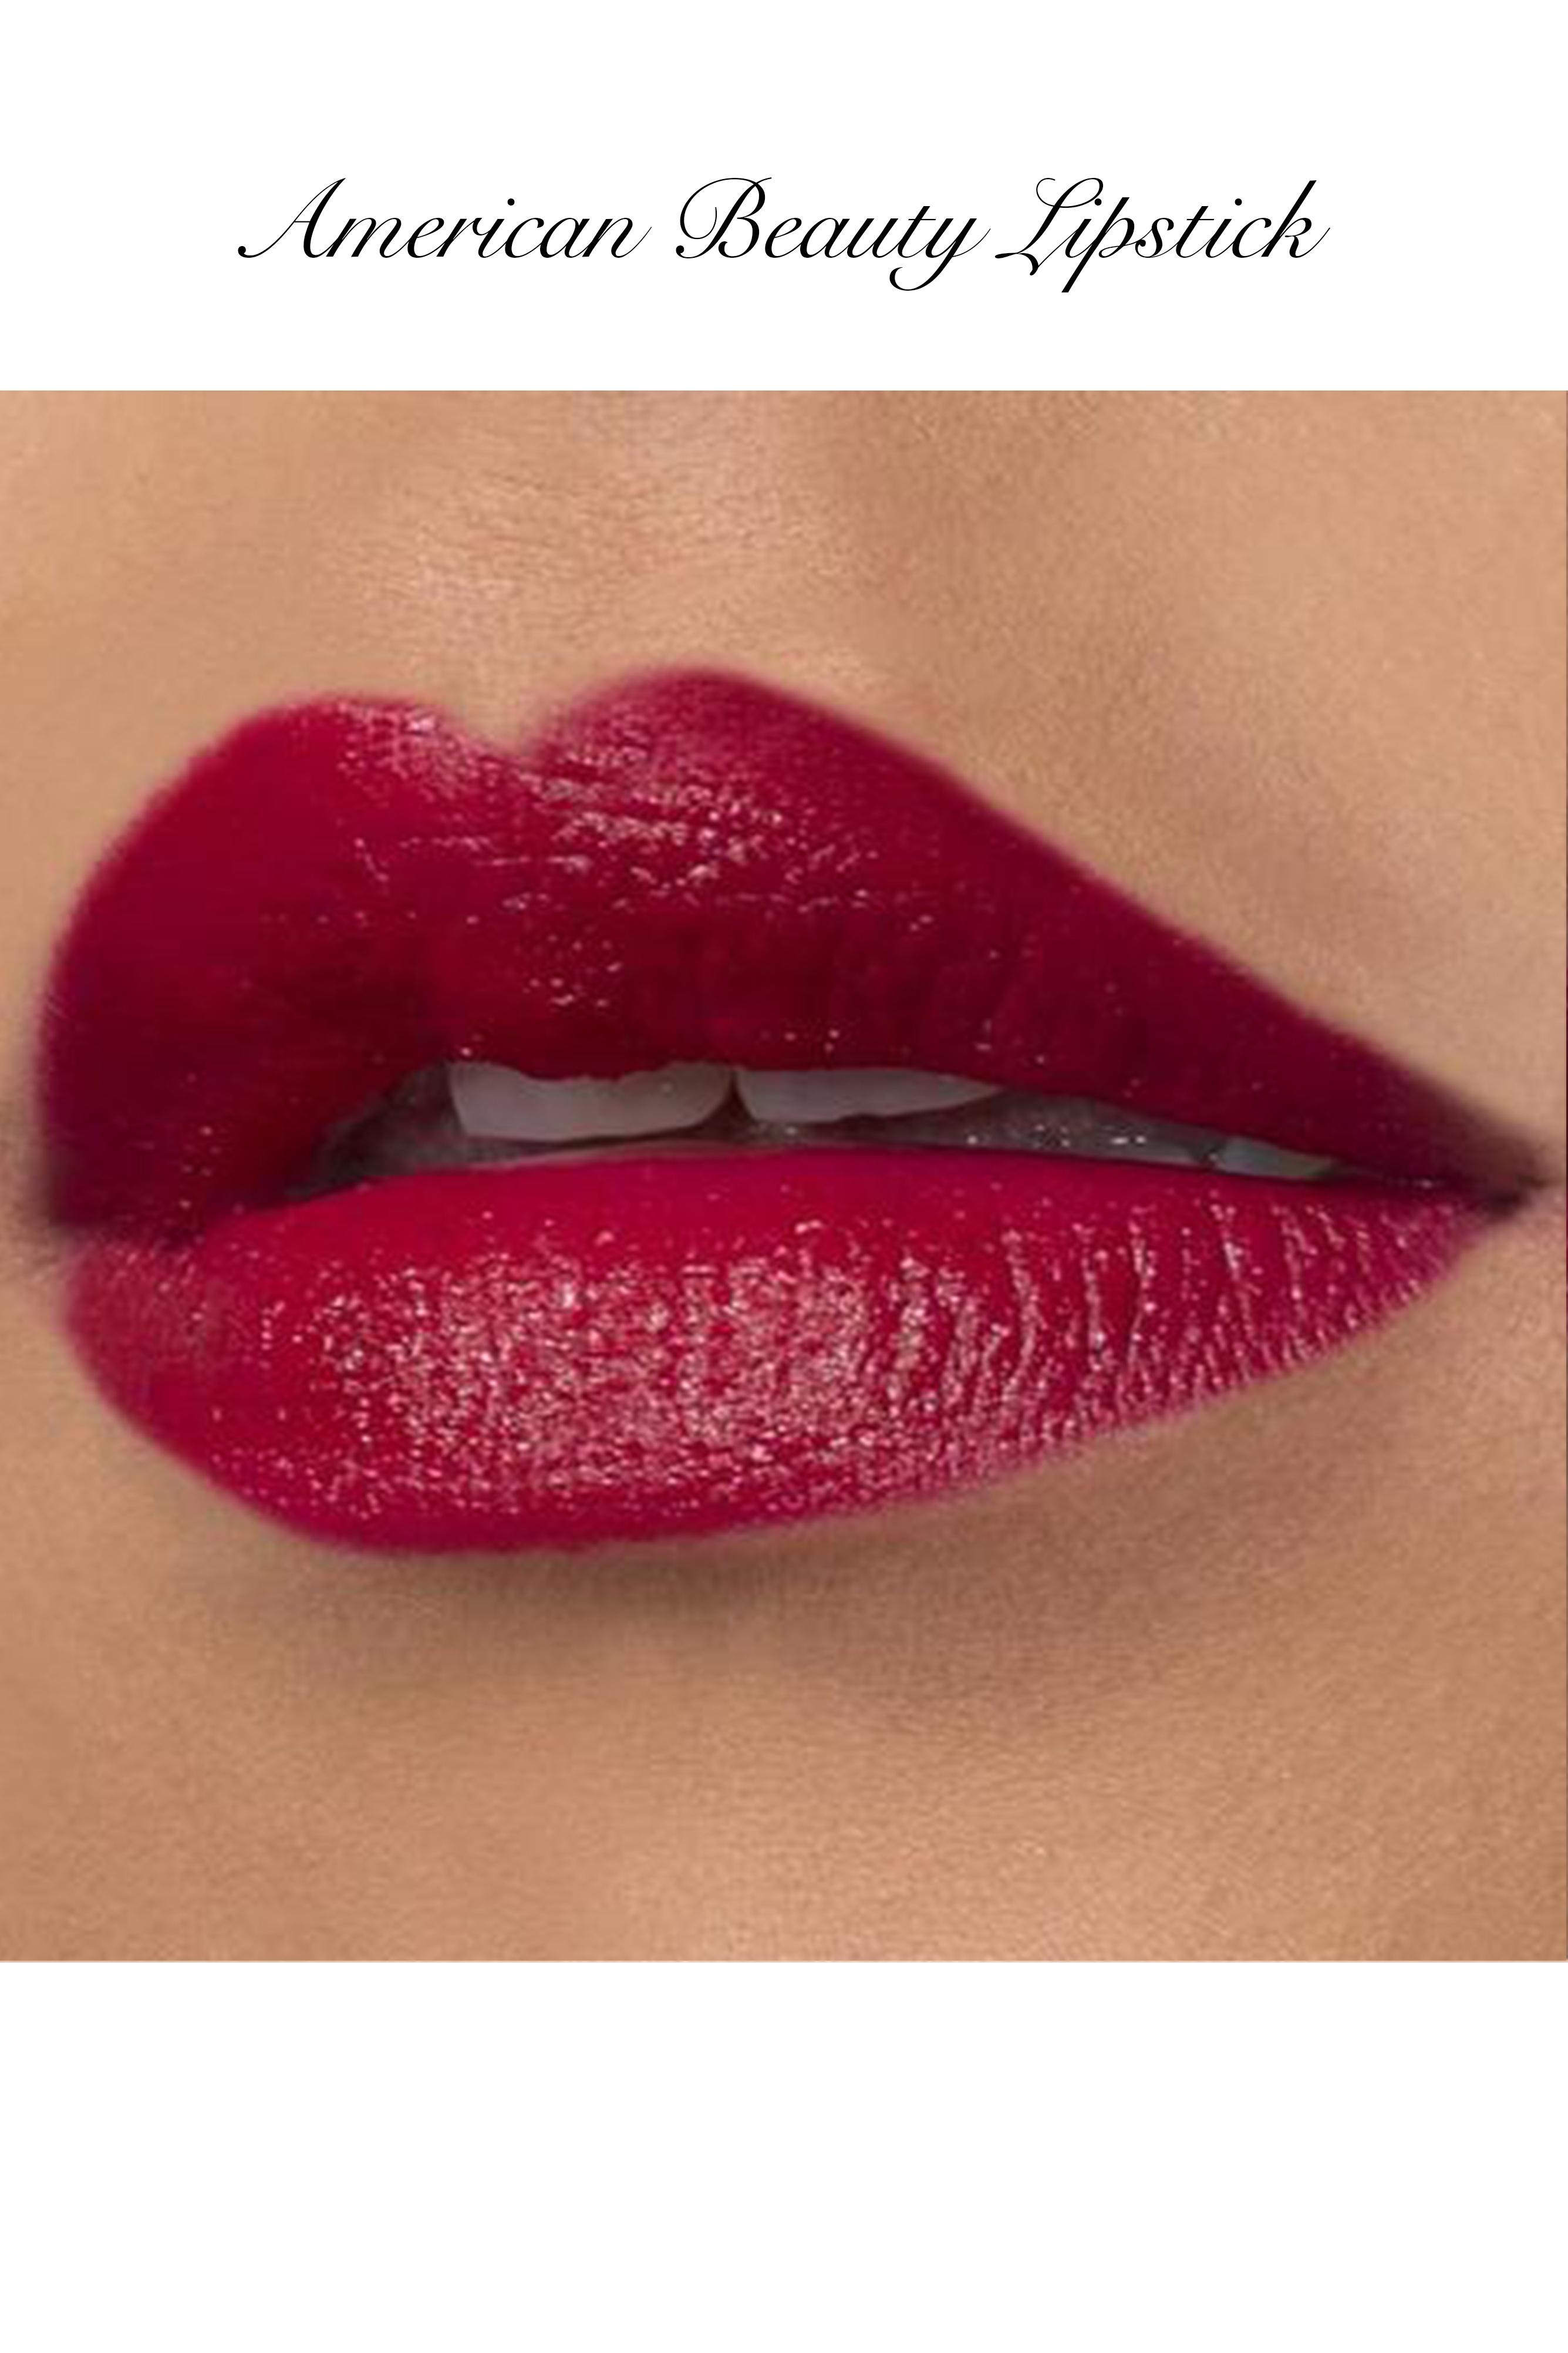 1945- American Beauty Lipstick by Bésame